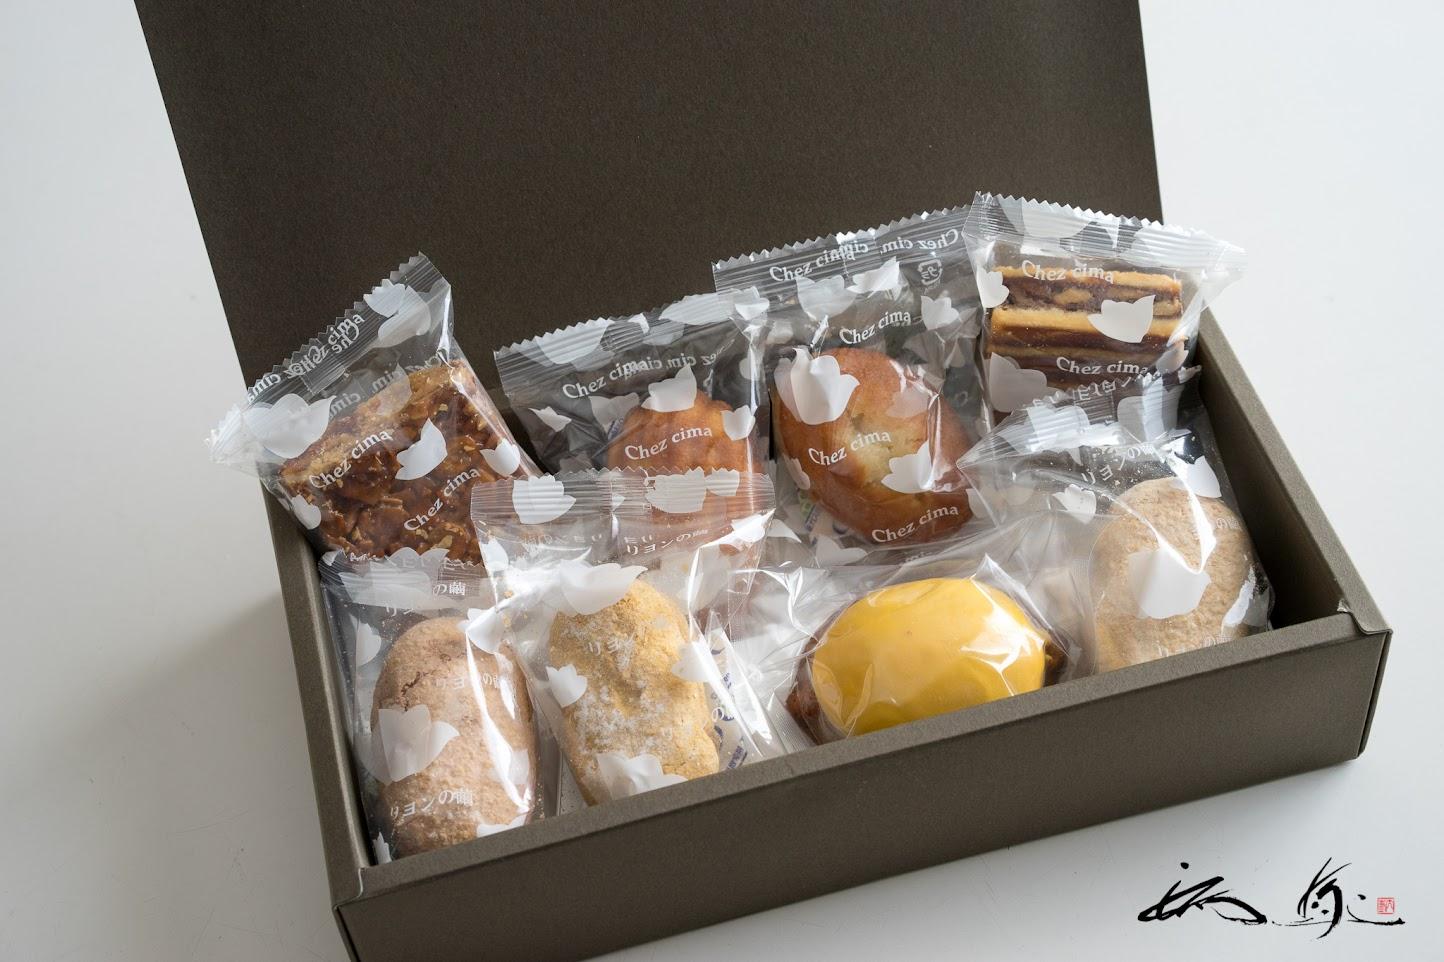 フランス菓子専門店「シェ・シーマ」